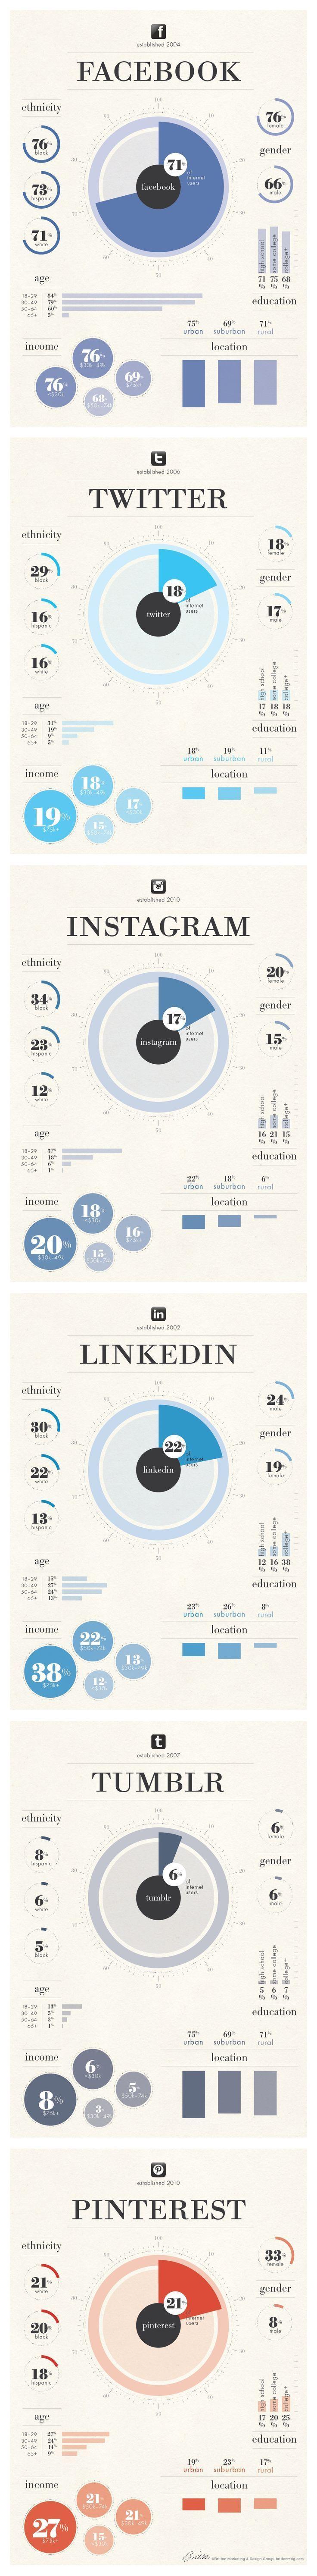 #SocialMedia 2014: User Demographics For Facebook, Twitter, Instagram, LinkedIn, Tumblr and #Pinterest